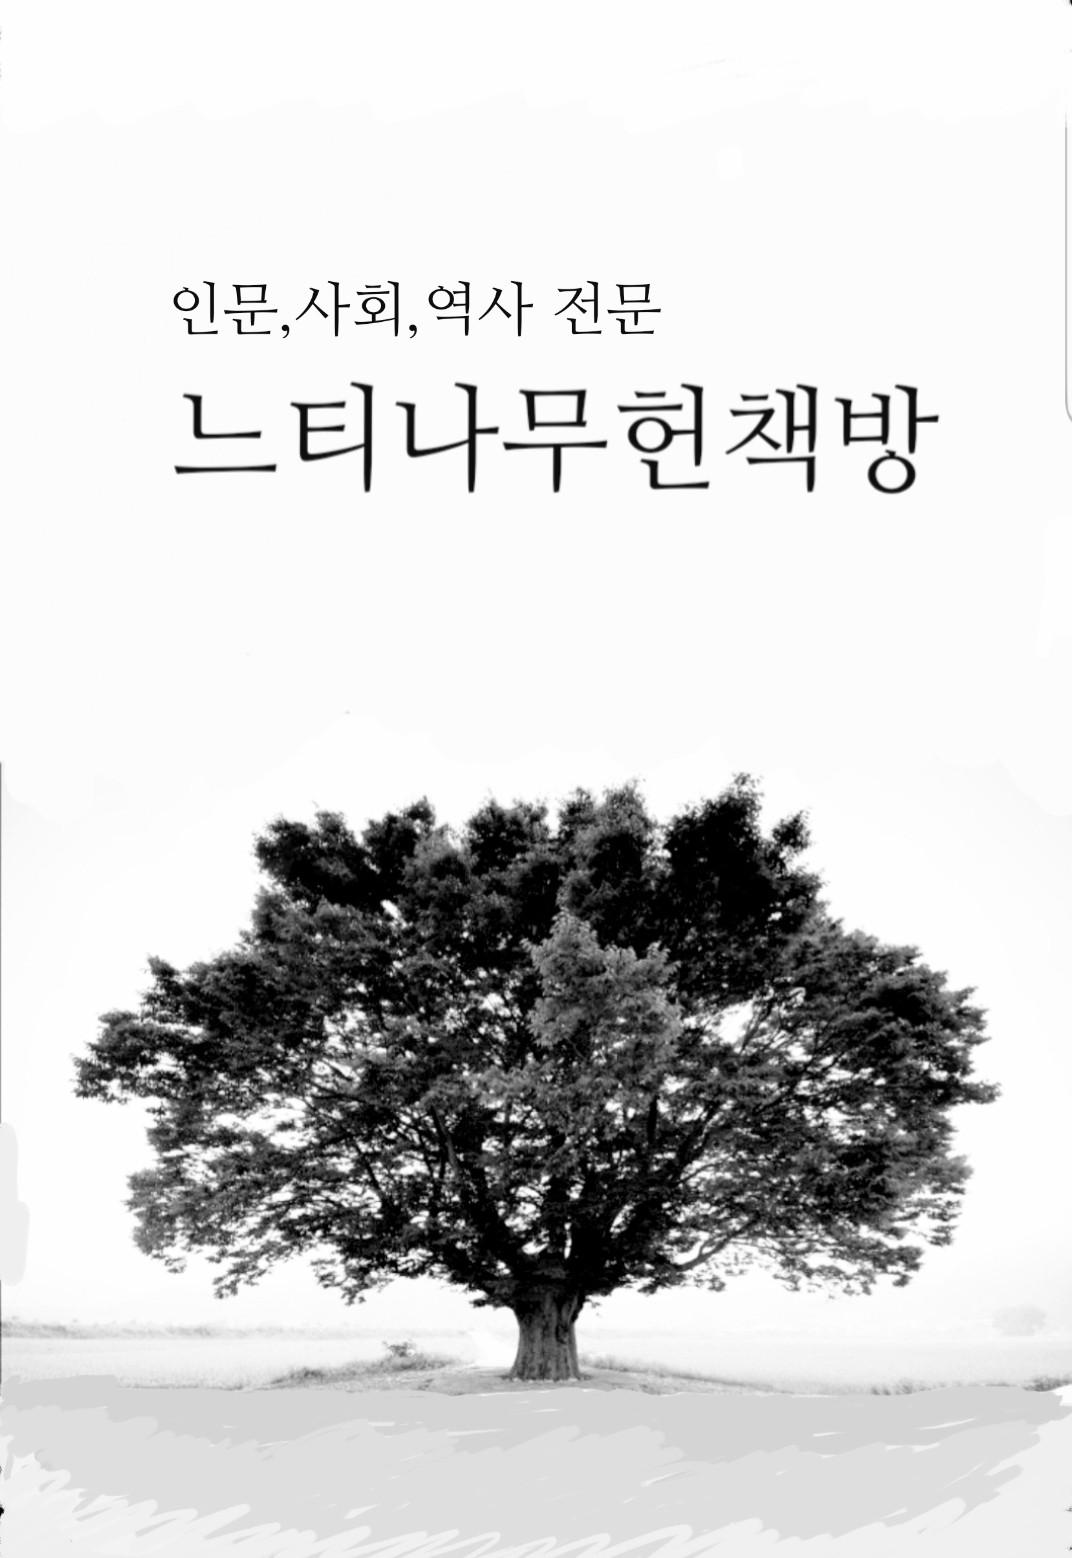 렌의 애가 - 모윤숙 선집 - 초판 (작27코너)